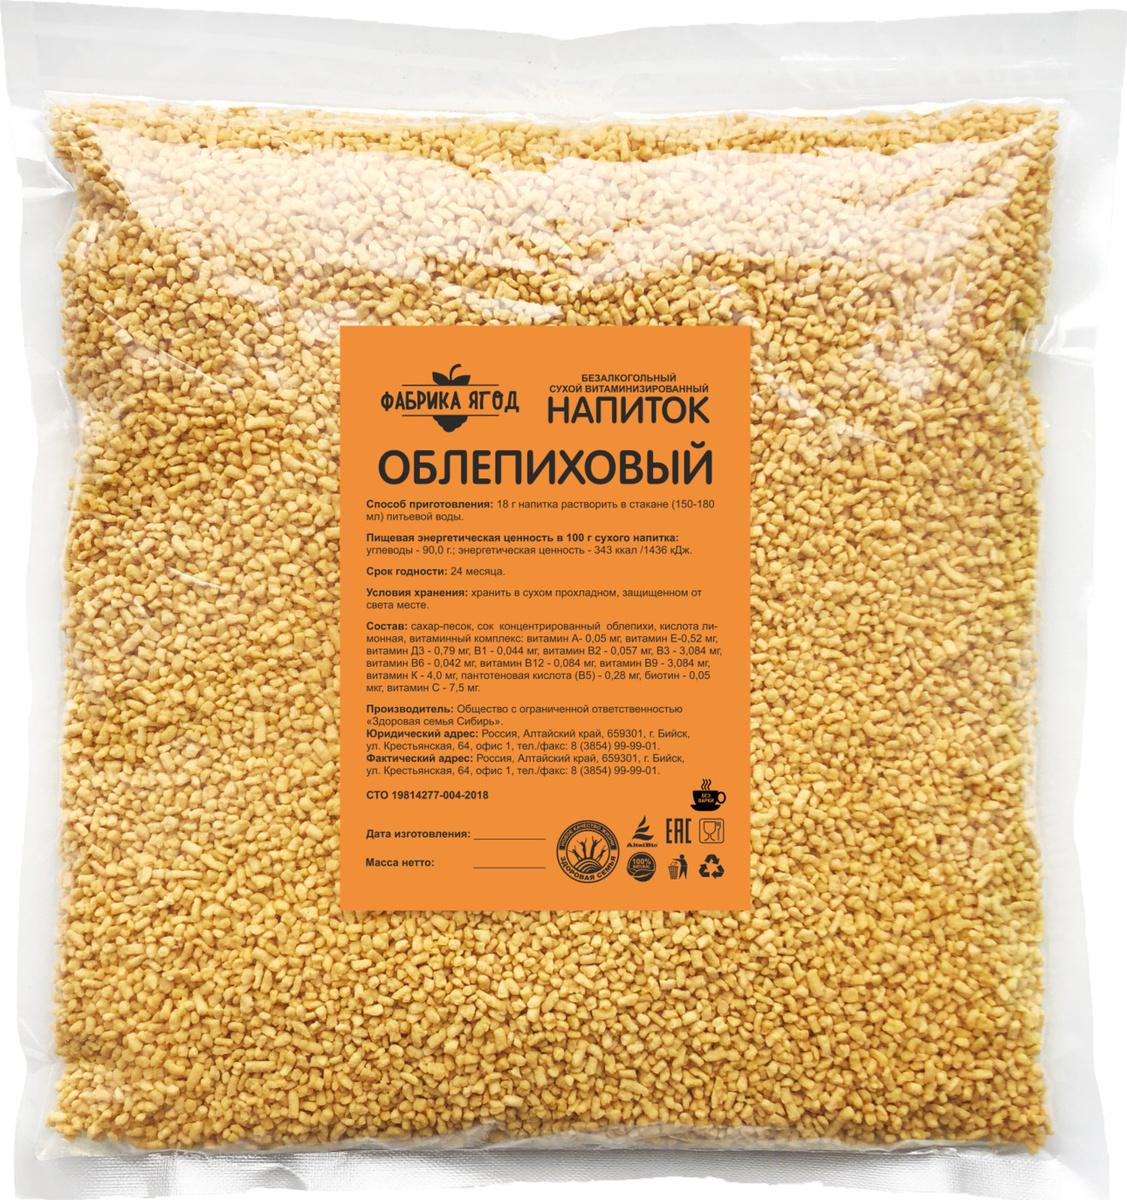 Морс витаминизированный Здоровая семья Сибирь. Облепиховый 1 кг.  #1